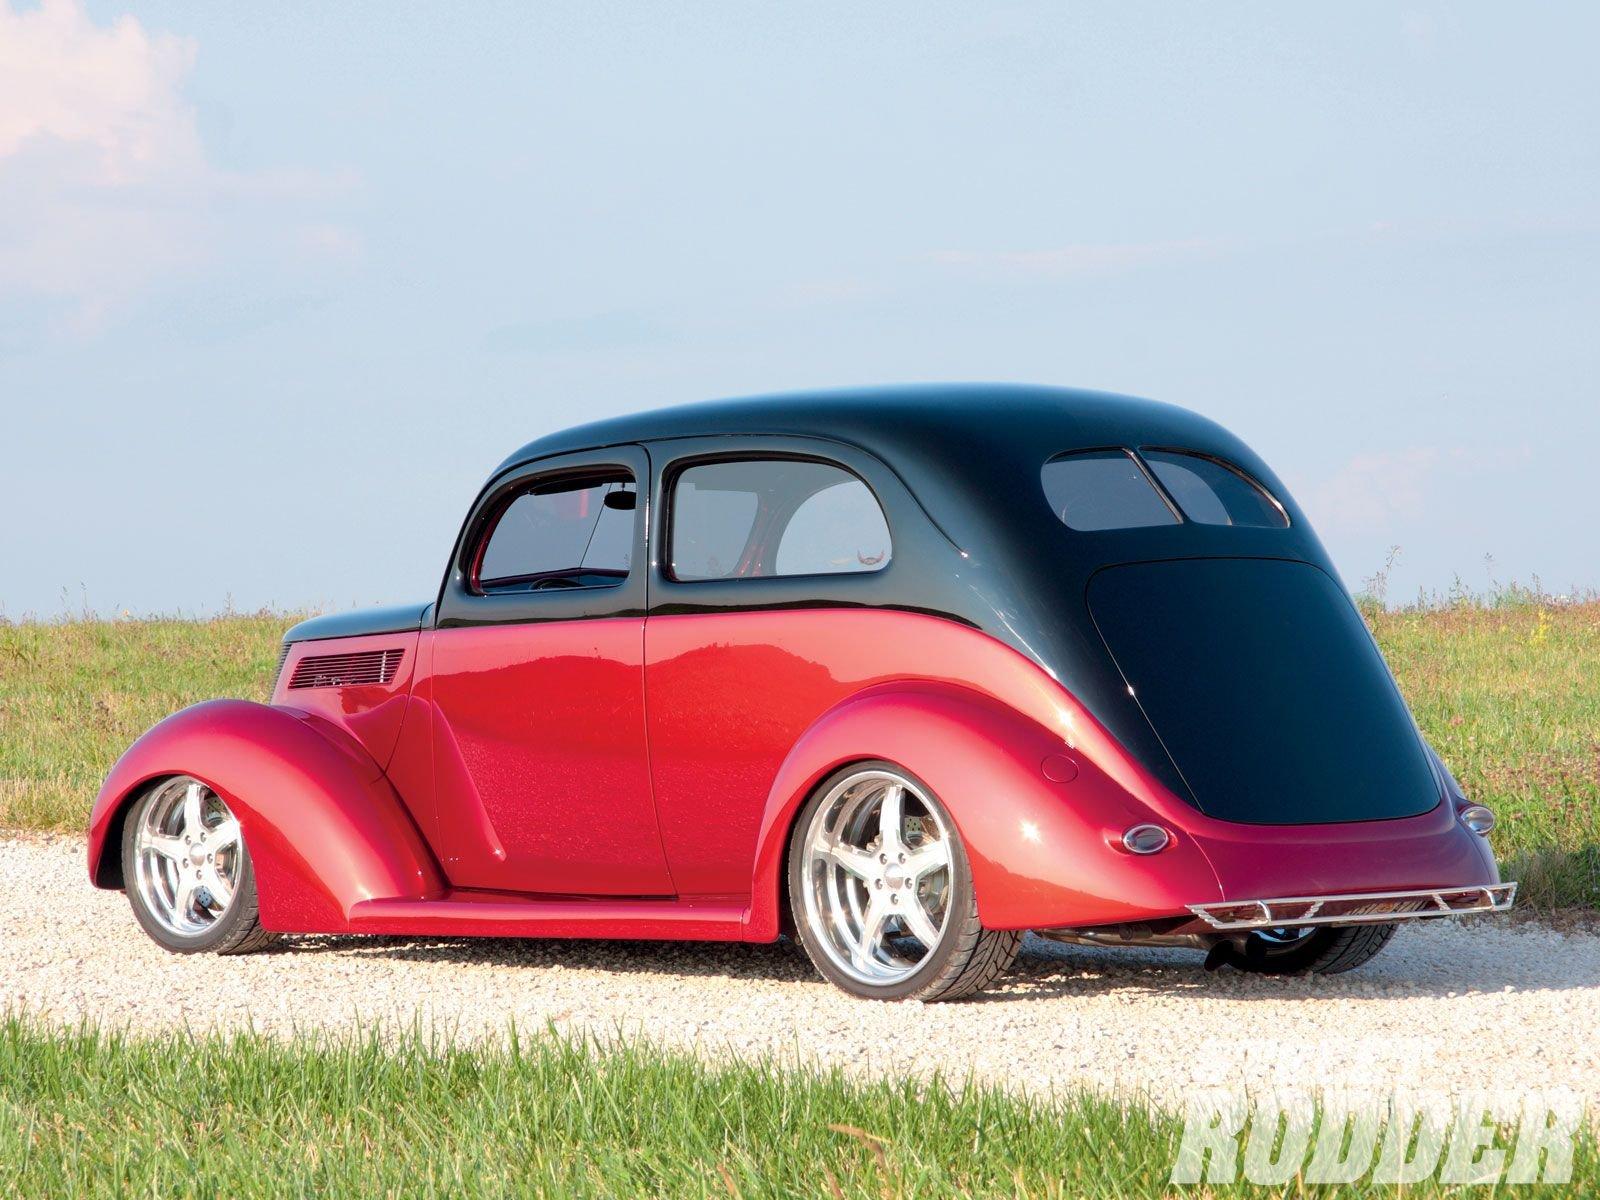 1937 ford sedan 2 door slantback hotrod hot rod streetrod for 1937 ford 2 door slant back